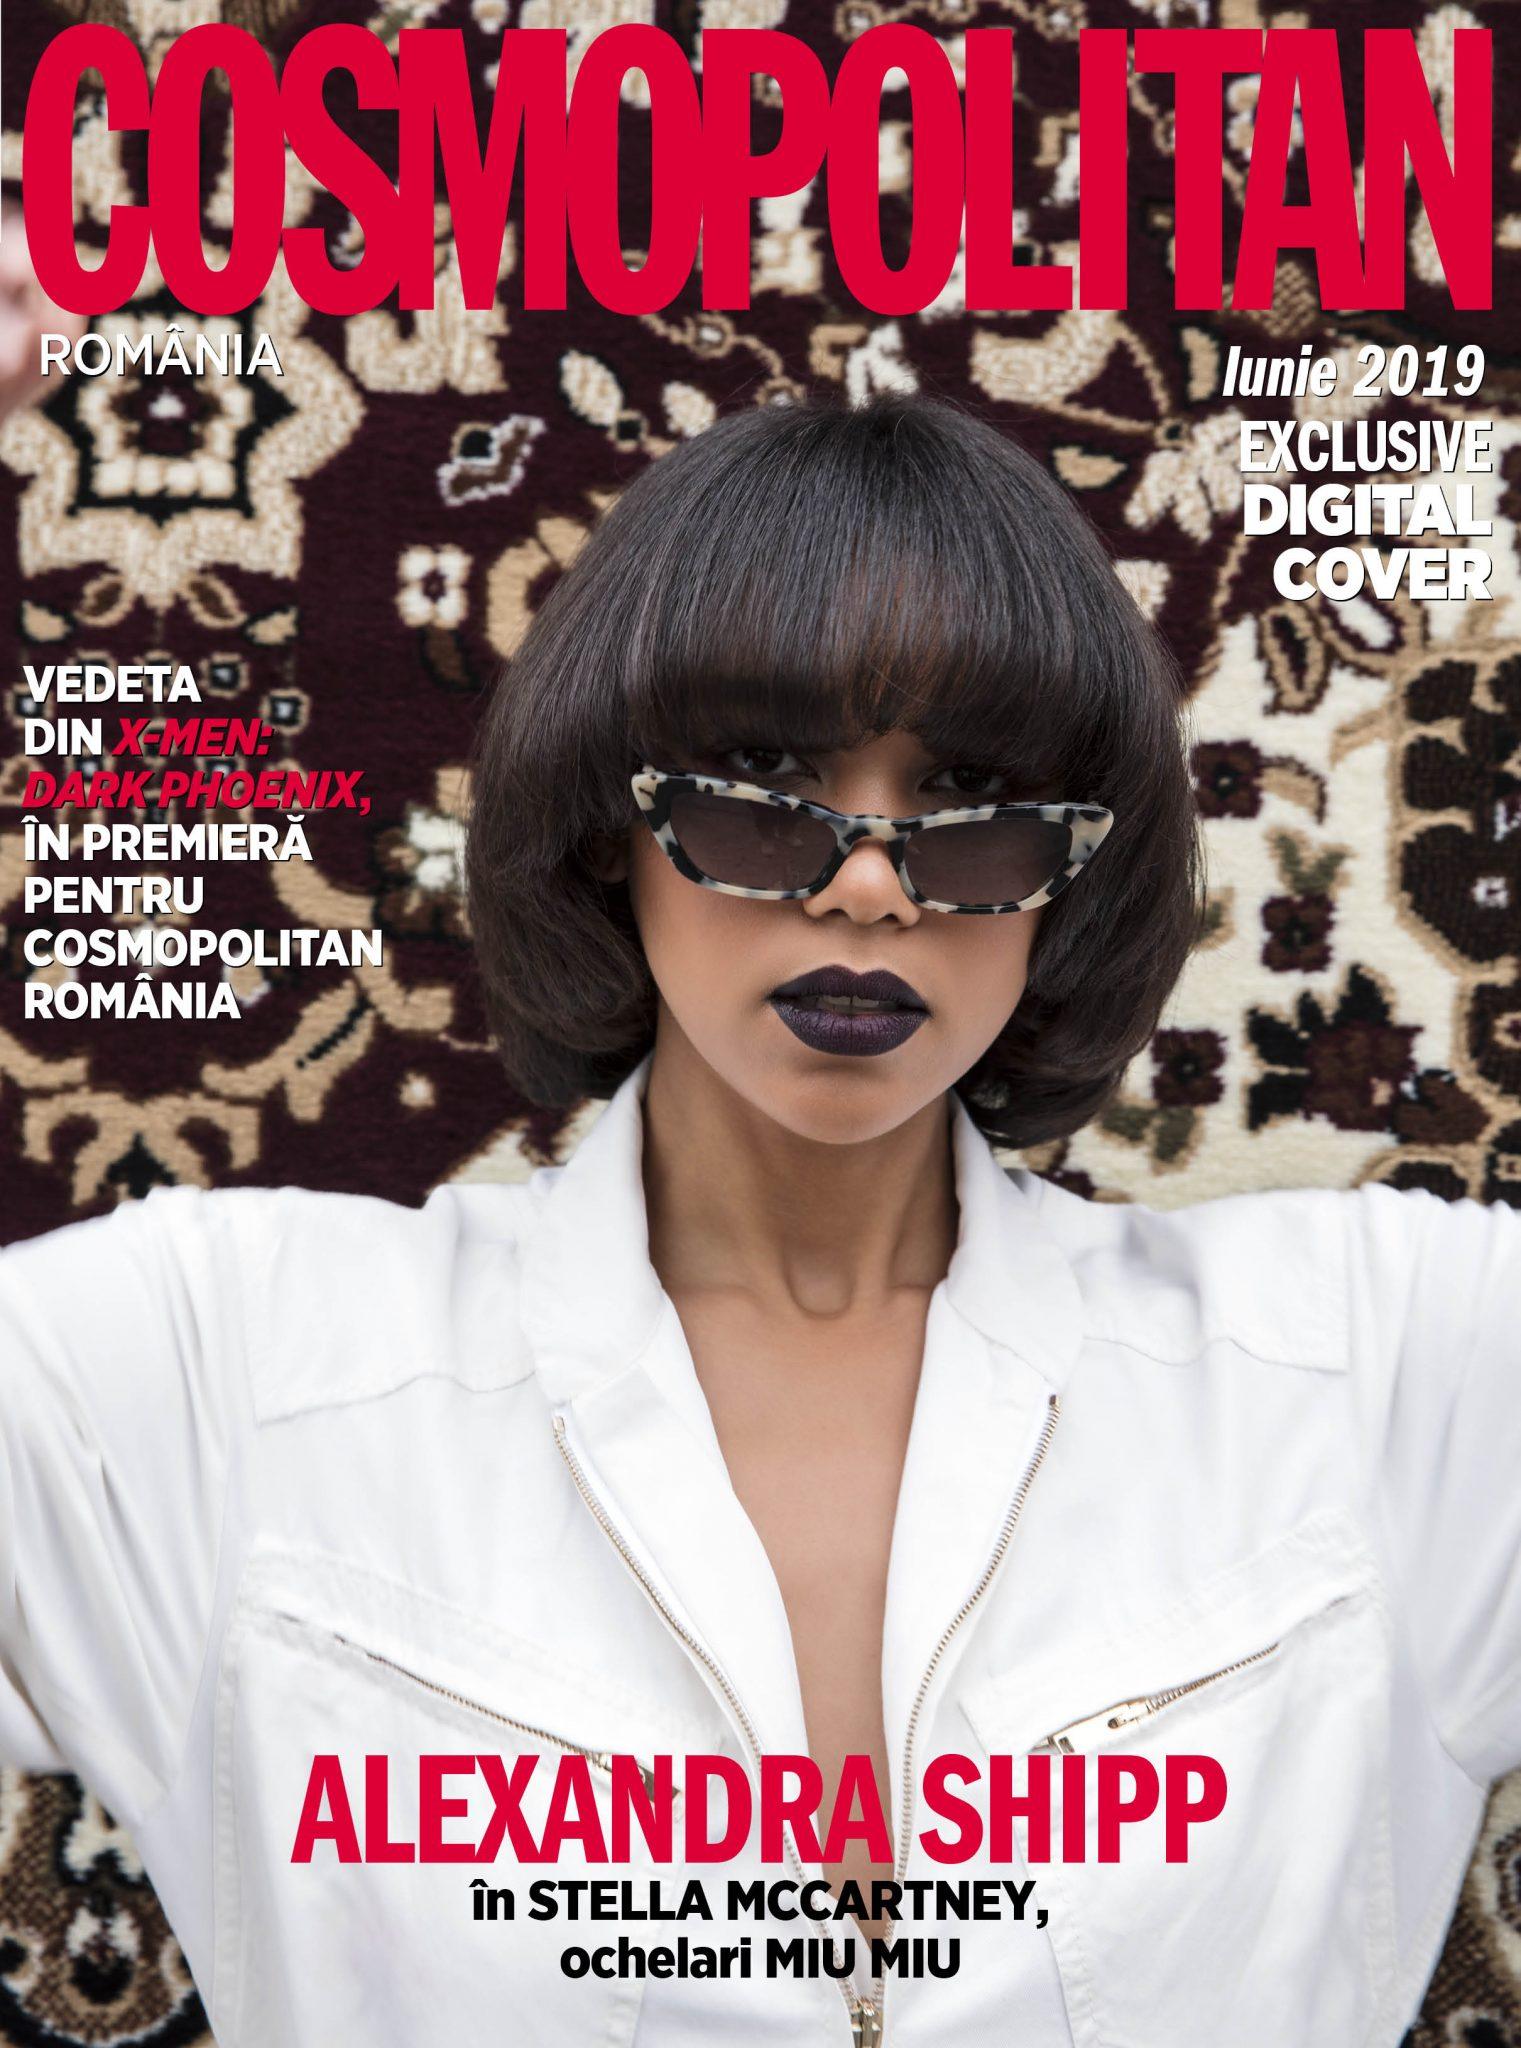 Alexandra Shipp Cosmopolitan iunie 2019 digital cover